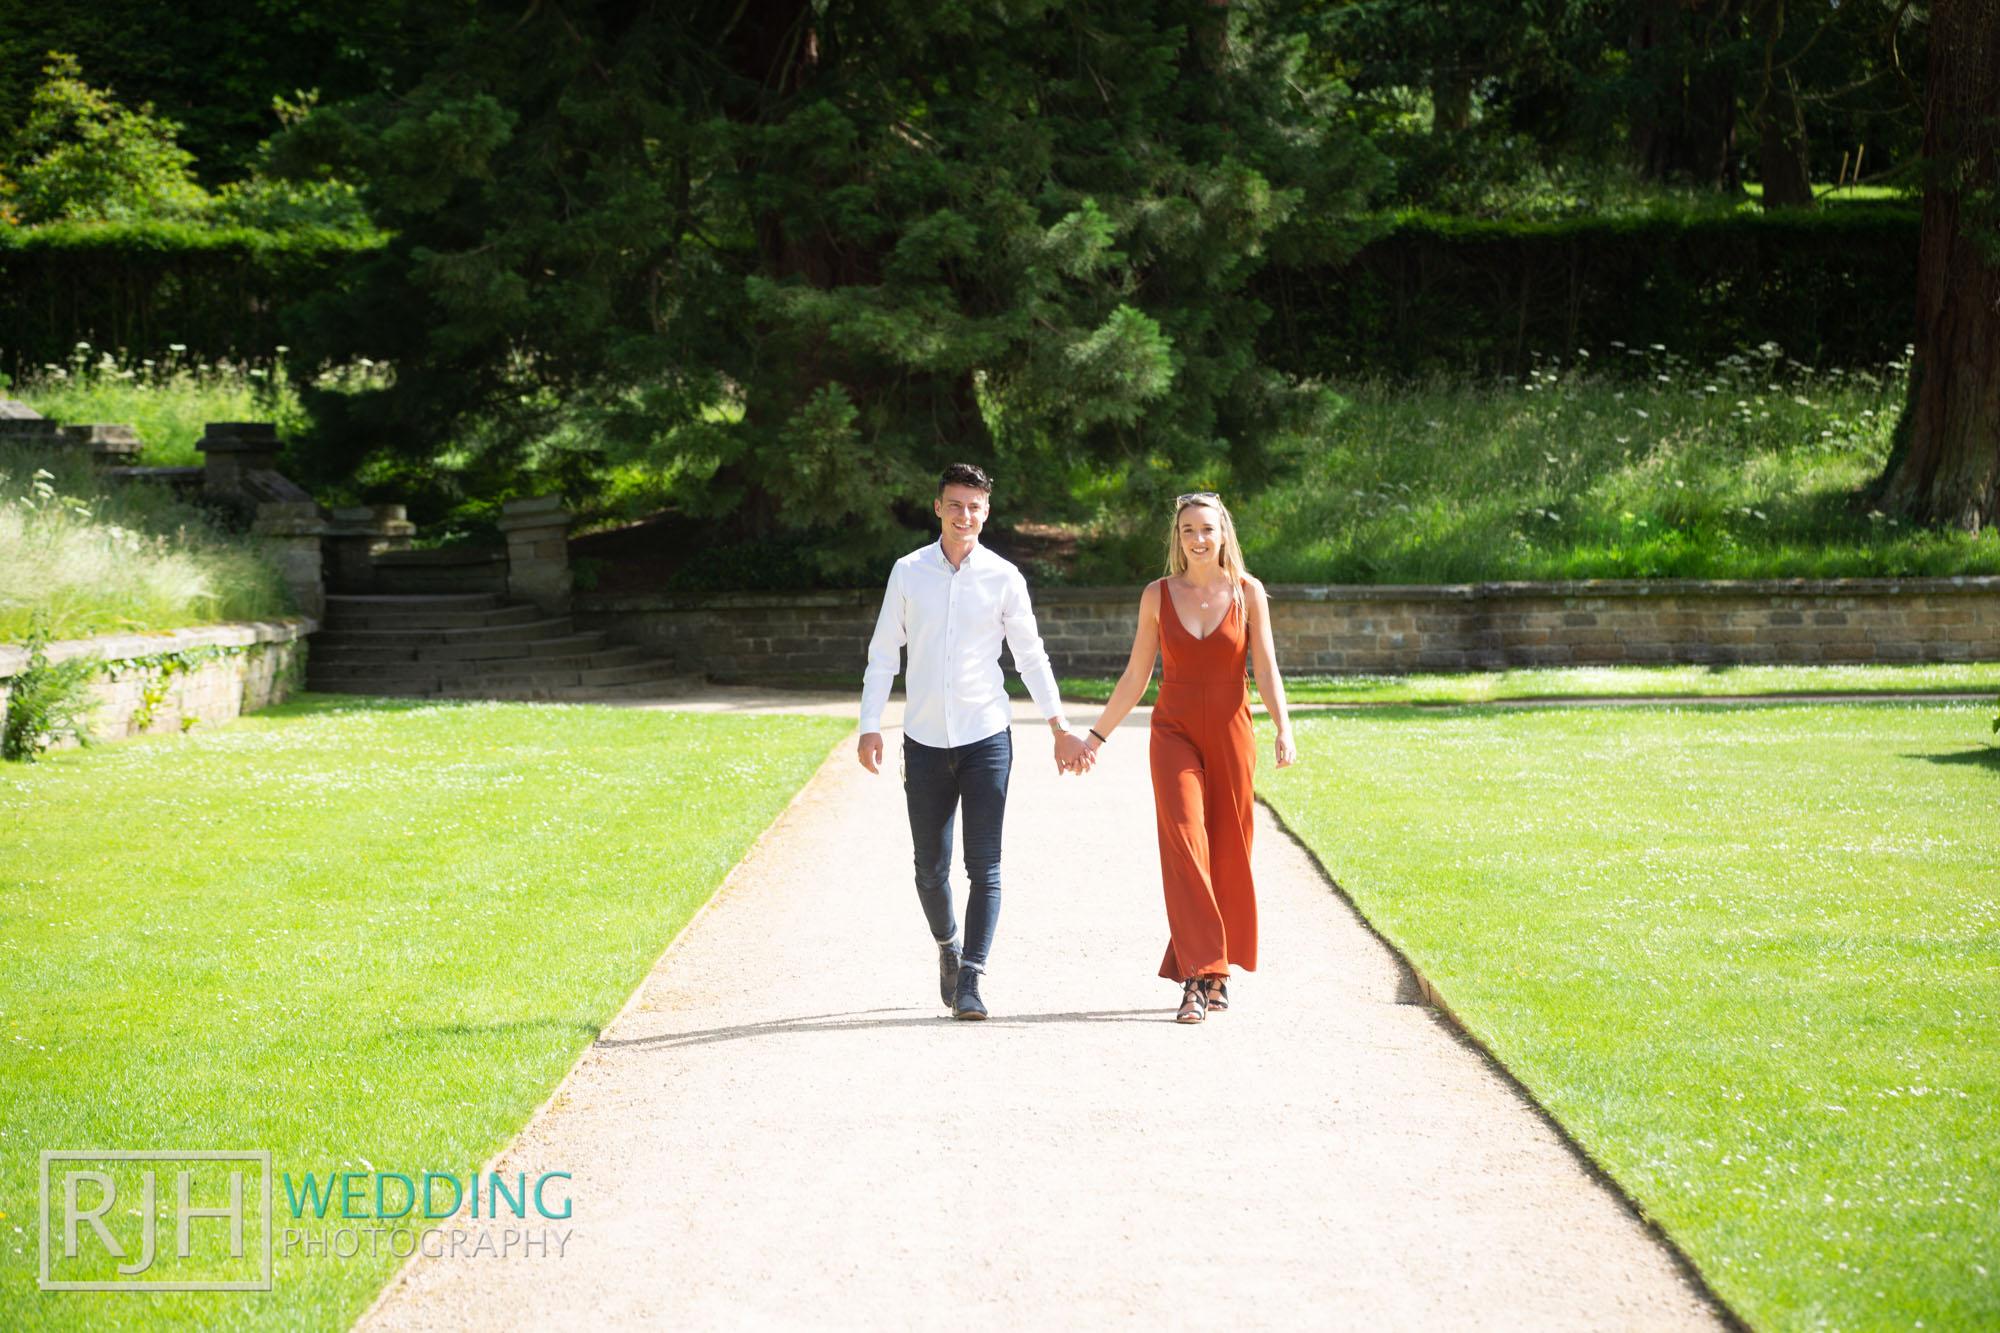 Chatsworth House Wedding Photographer_Glen & Lauren_004_RJH10050.jpg